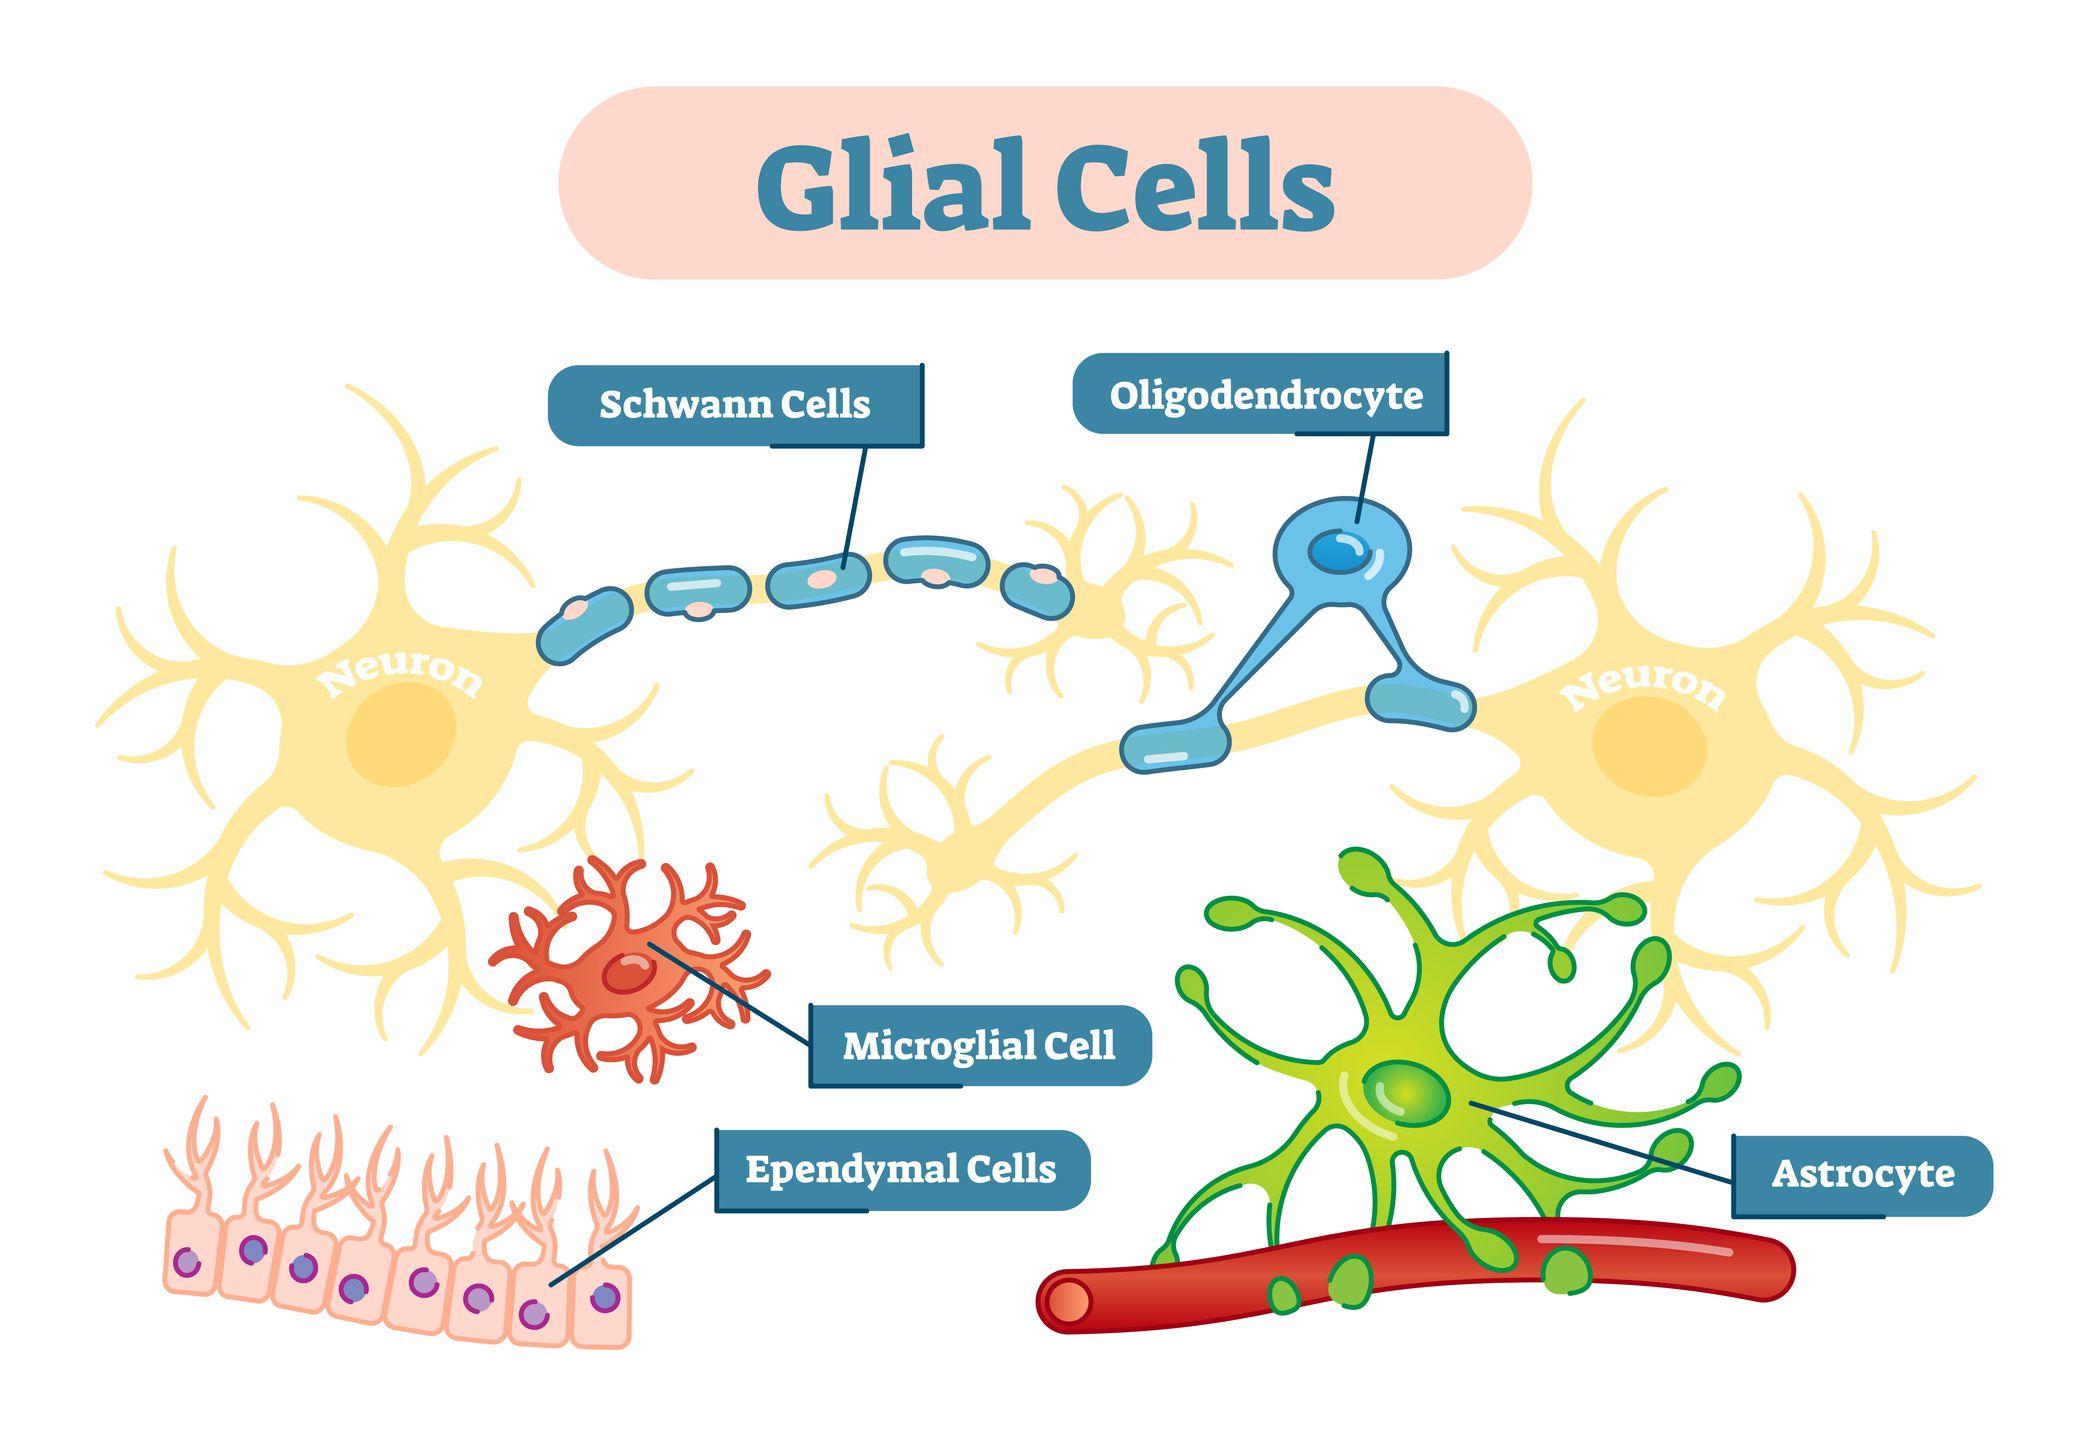 Glial Cells Diagram | El Paso, TX Chiropractor